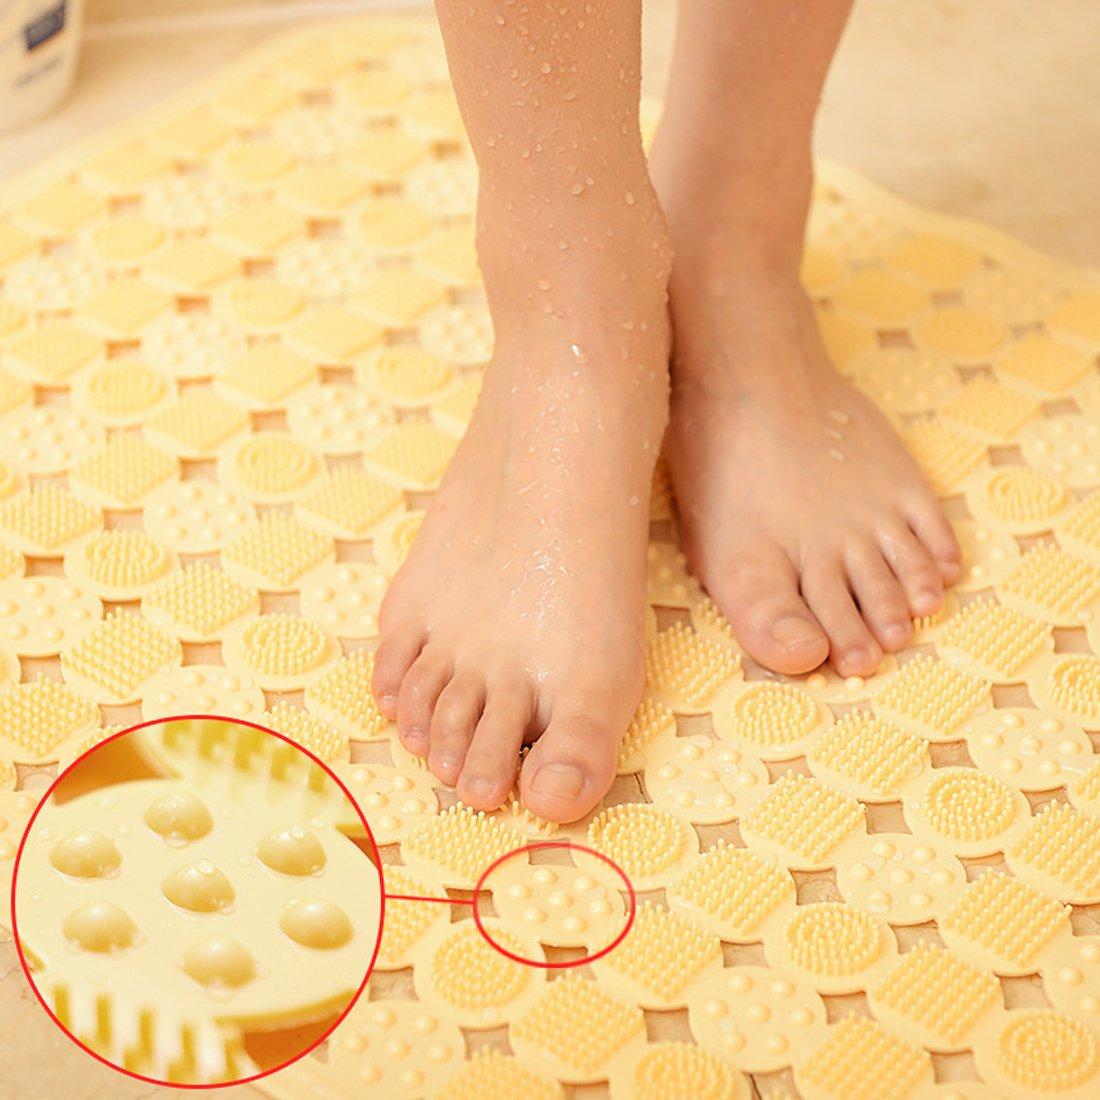 leicht zu reinigen langlebig Bubble Beige PVC Anti-Rutsch-Badewanne Duschmatte Duschmatte Saugnapf-System mit PVC f/ür Wanne und Badezimmer schimmelresistent 36*72 CM rutschfeste Massagematte